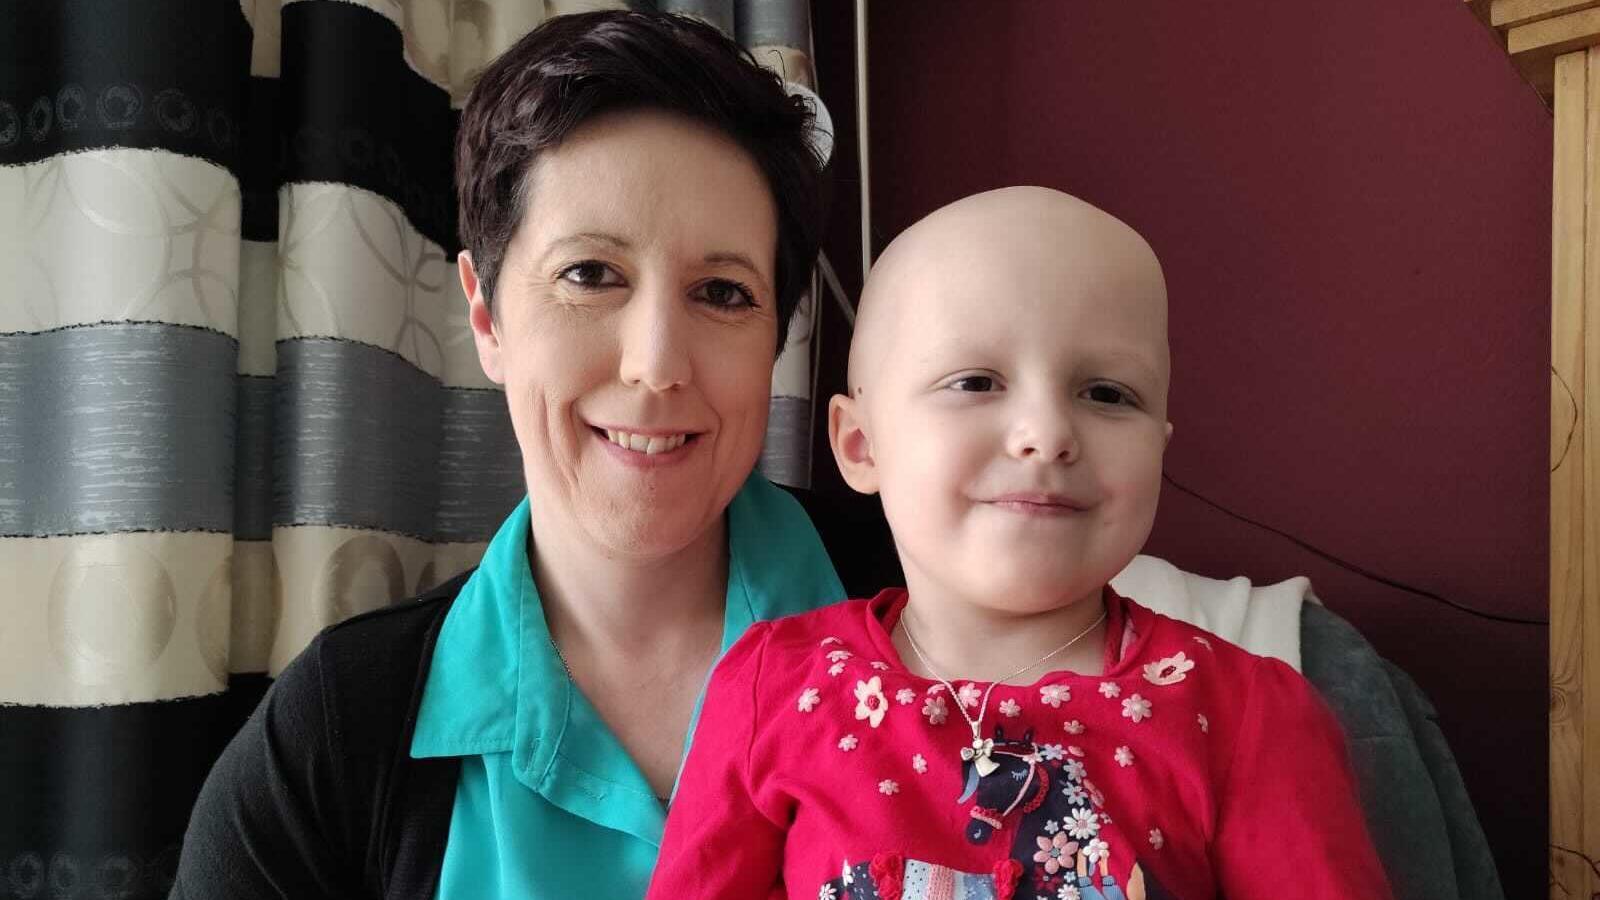 Daniela Berlit (links) bekommt ein besonderes Geschenk von ihren Kollegen, damit sie für ihre Tochter Fiona (rechts) da sein kann.